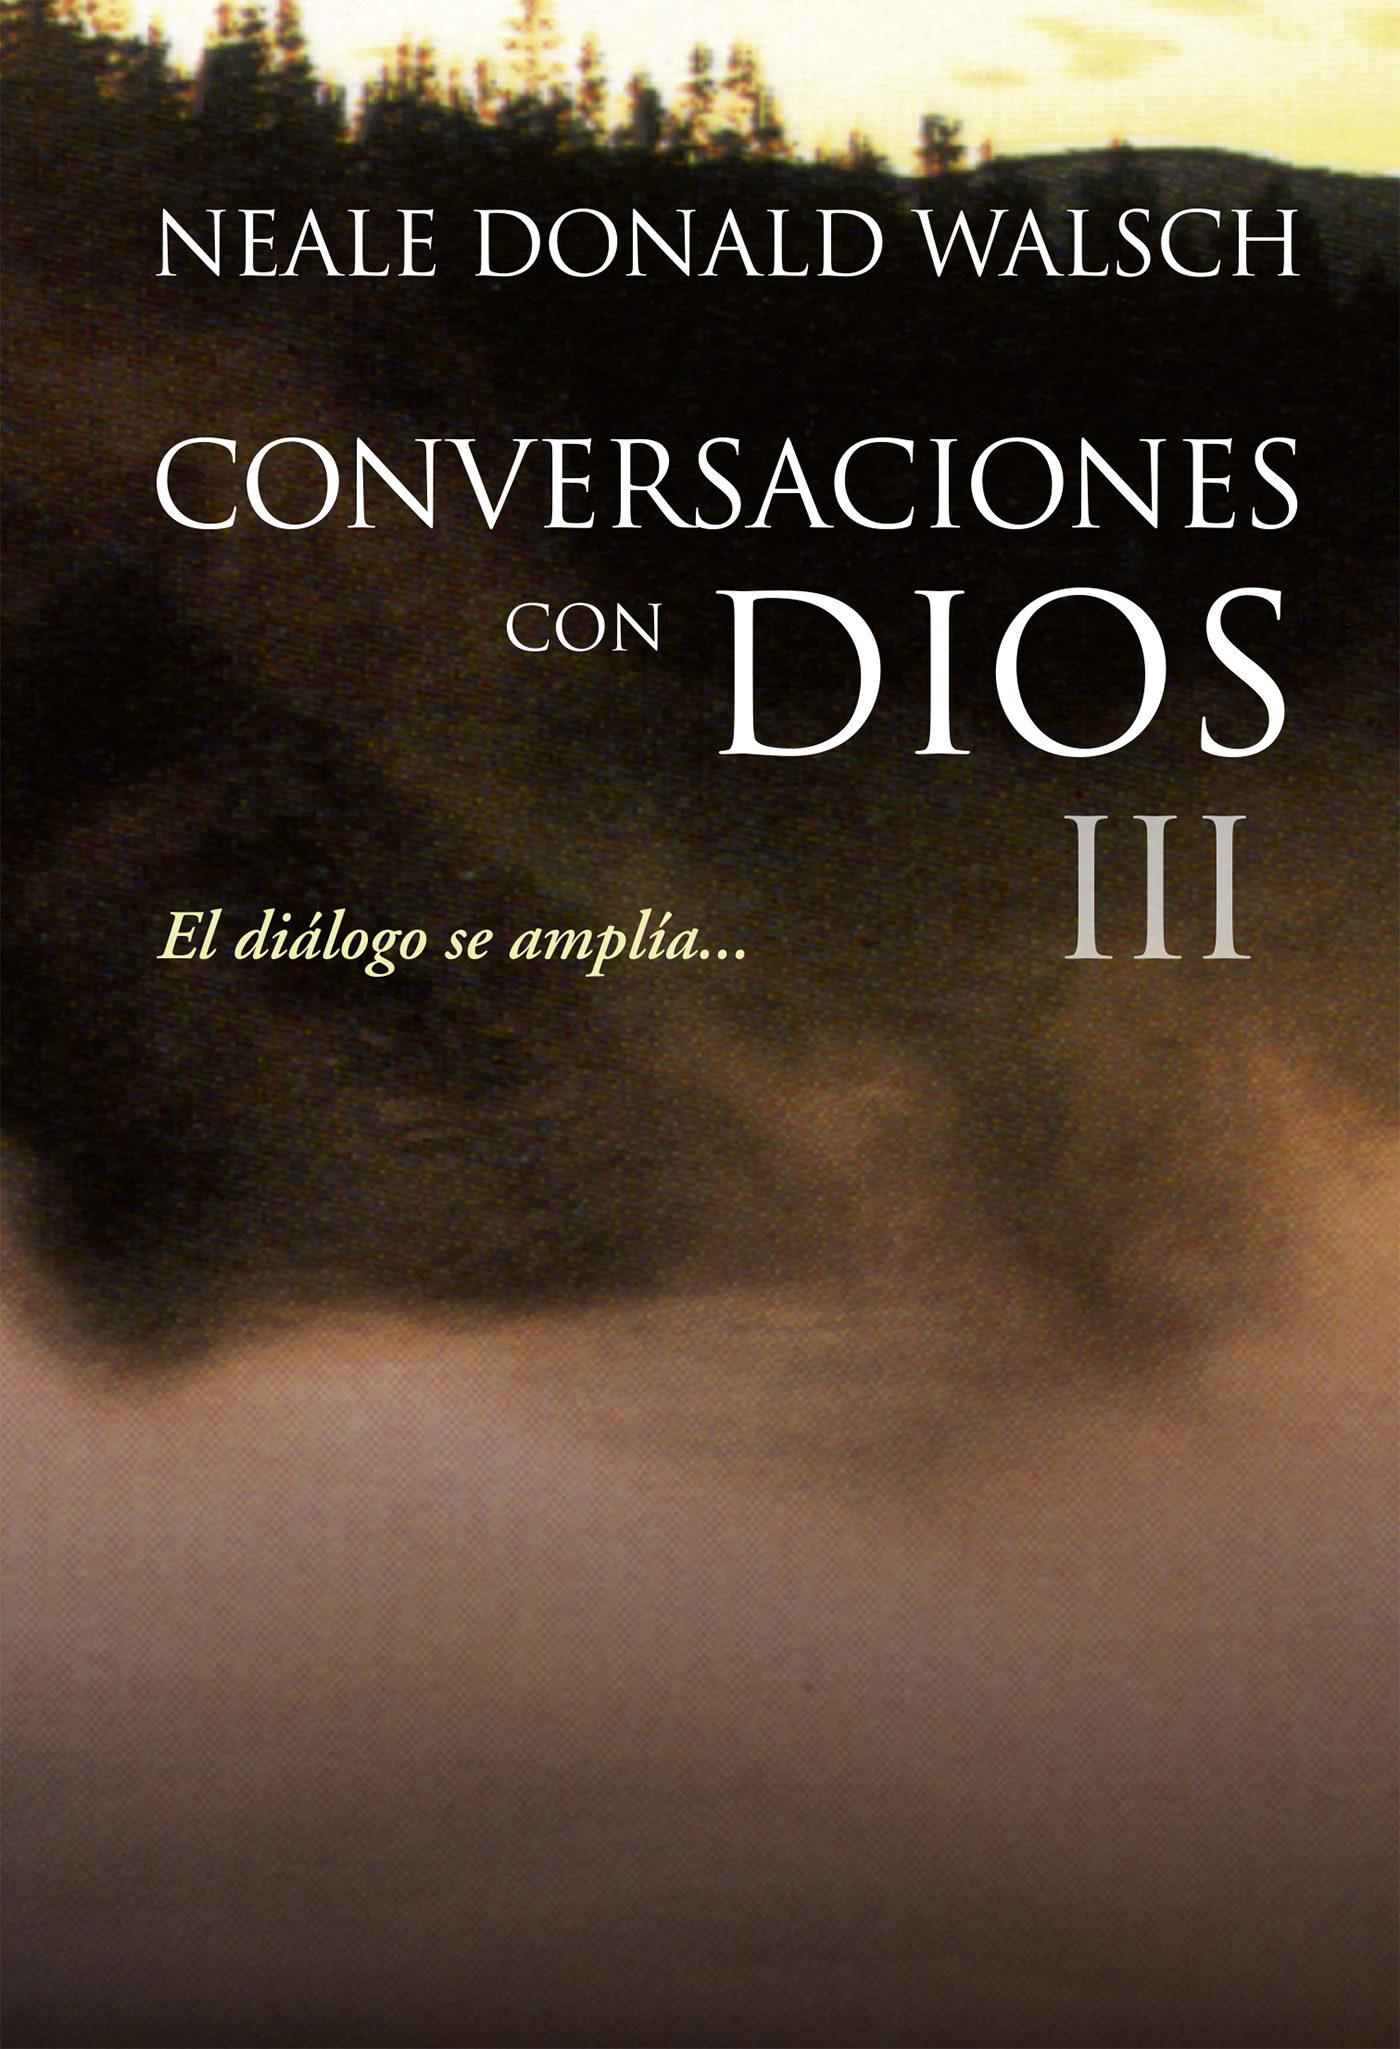 Conversaciones Con Dios Iii (ebook)neale Donald Walsch9786073145121